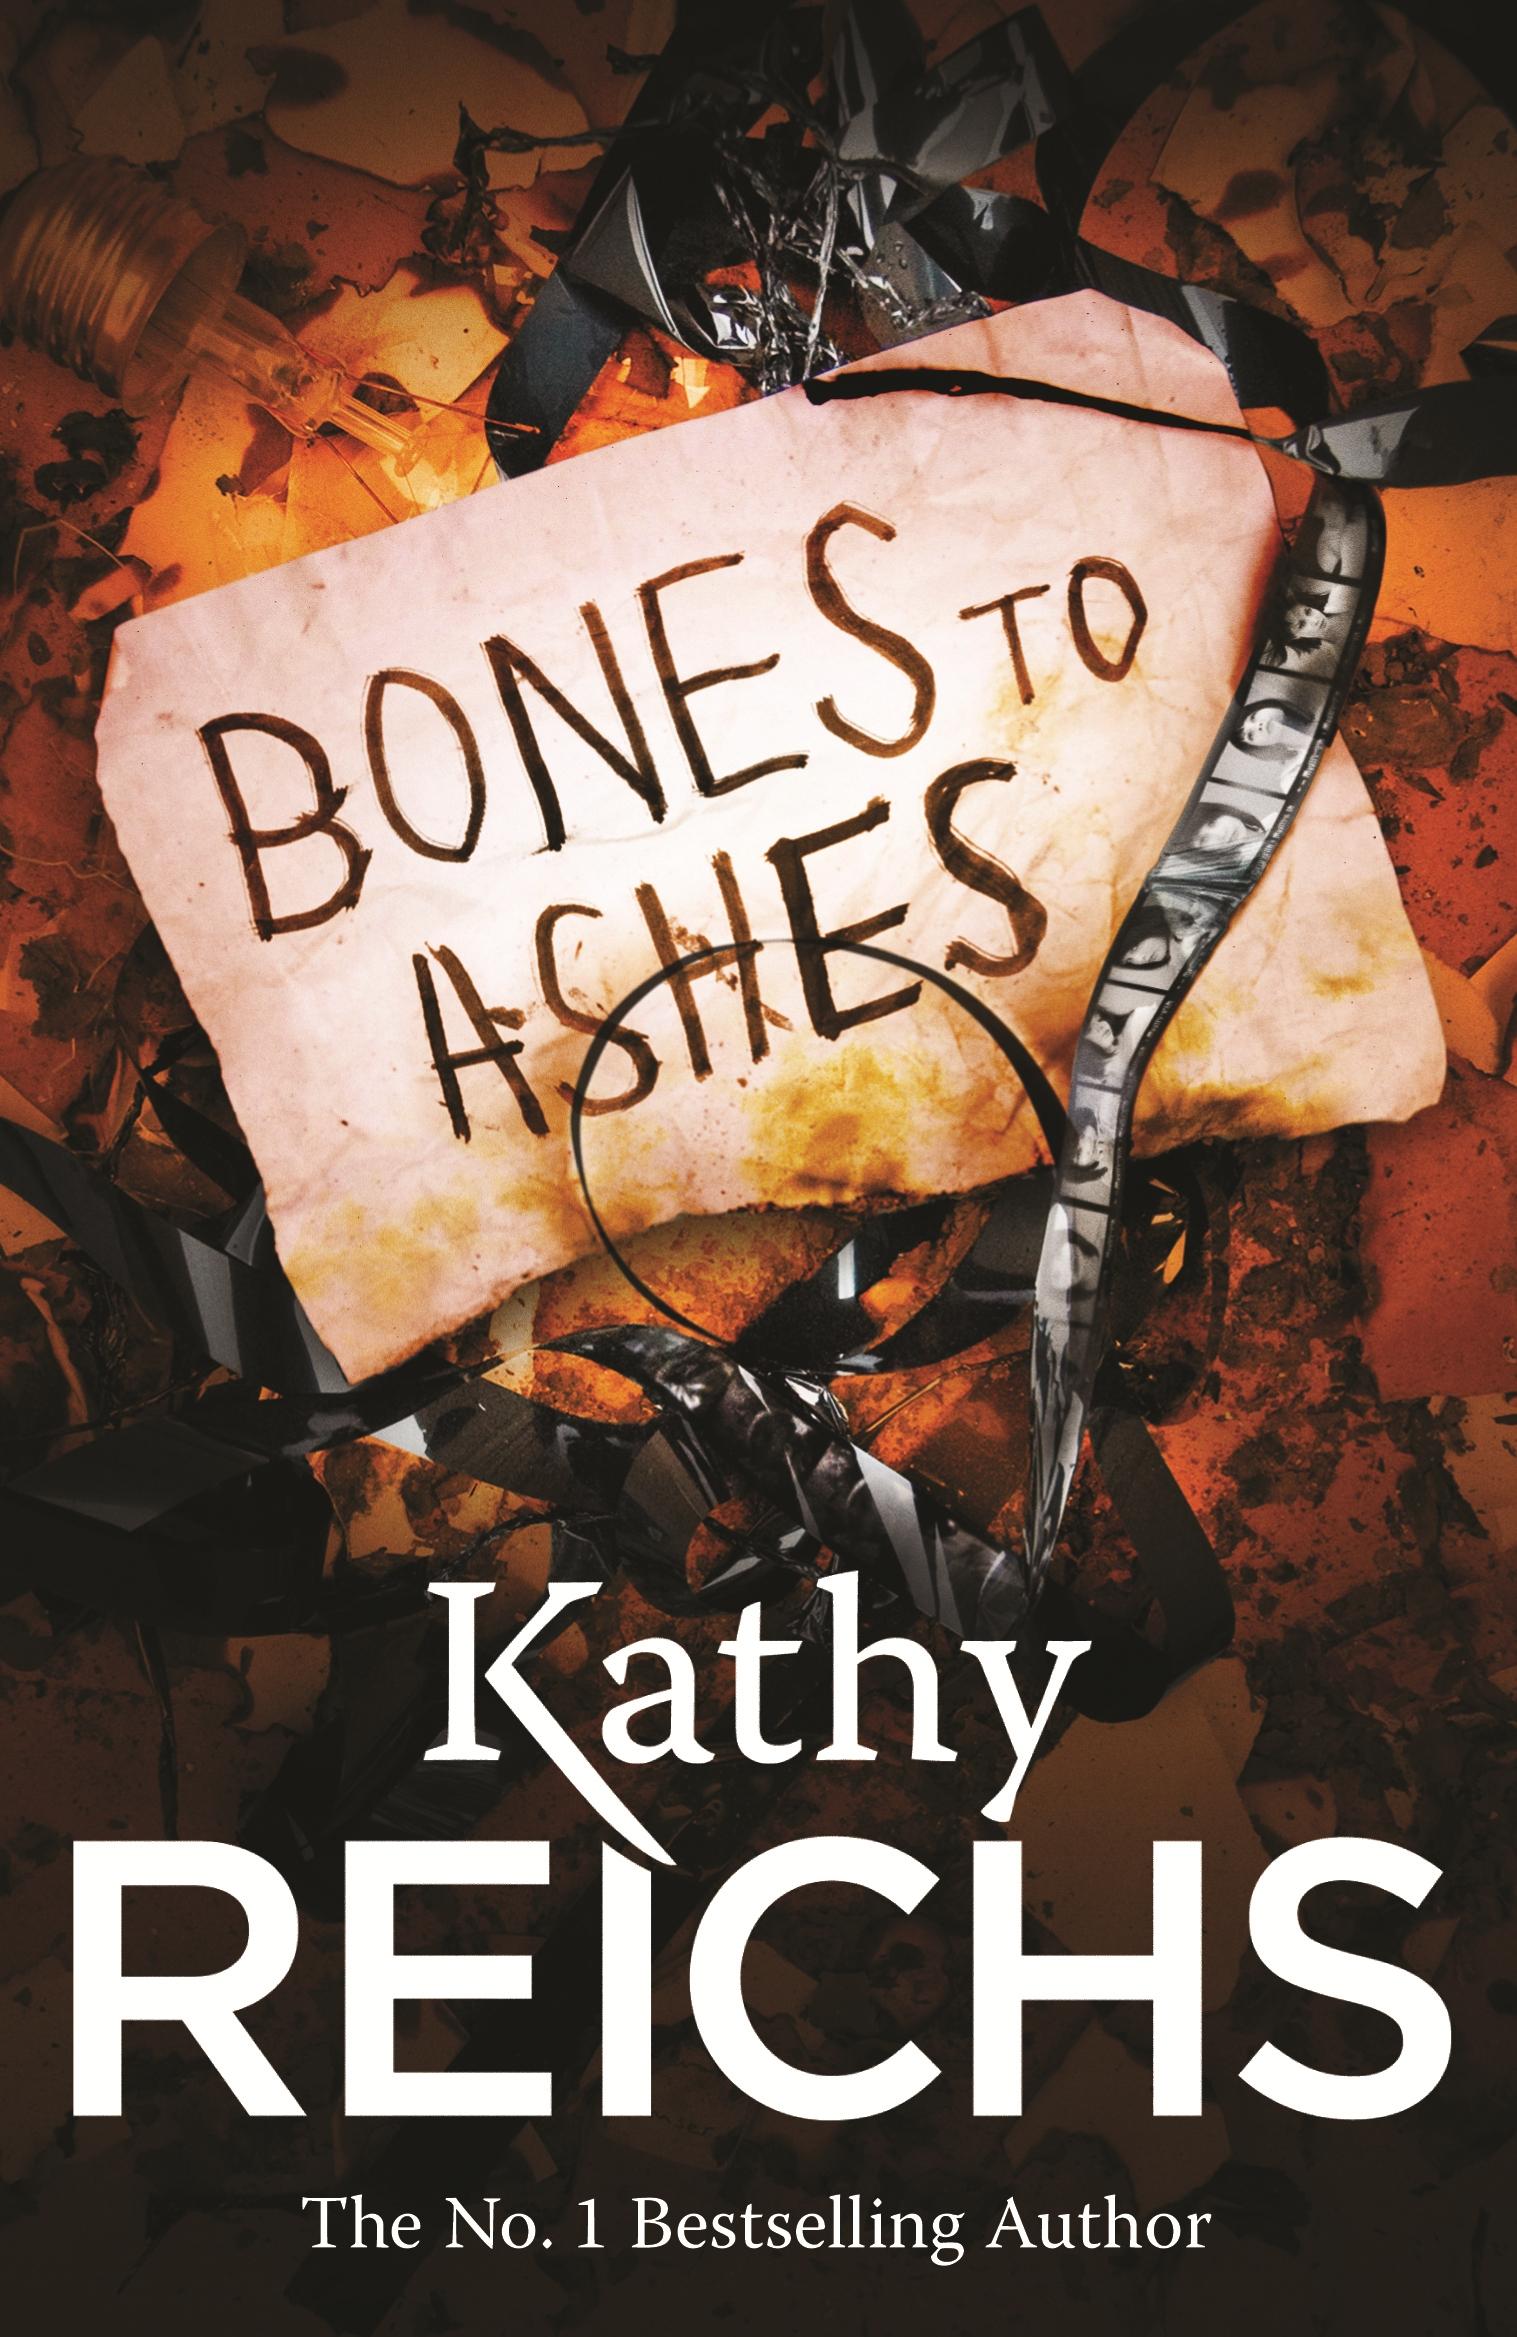 Bones to Ashes by Kathy Reichs - Penguin Books Australia